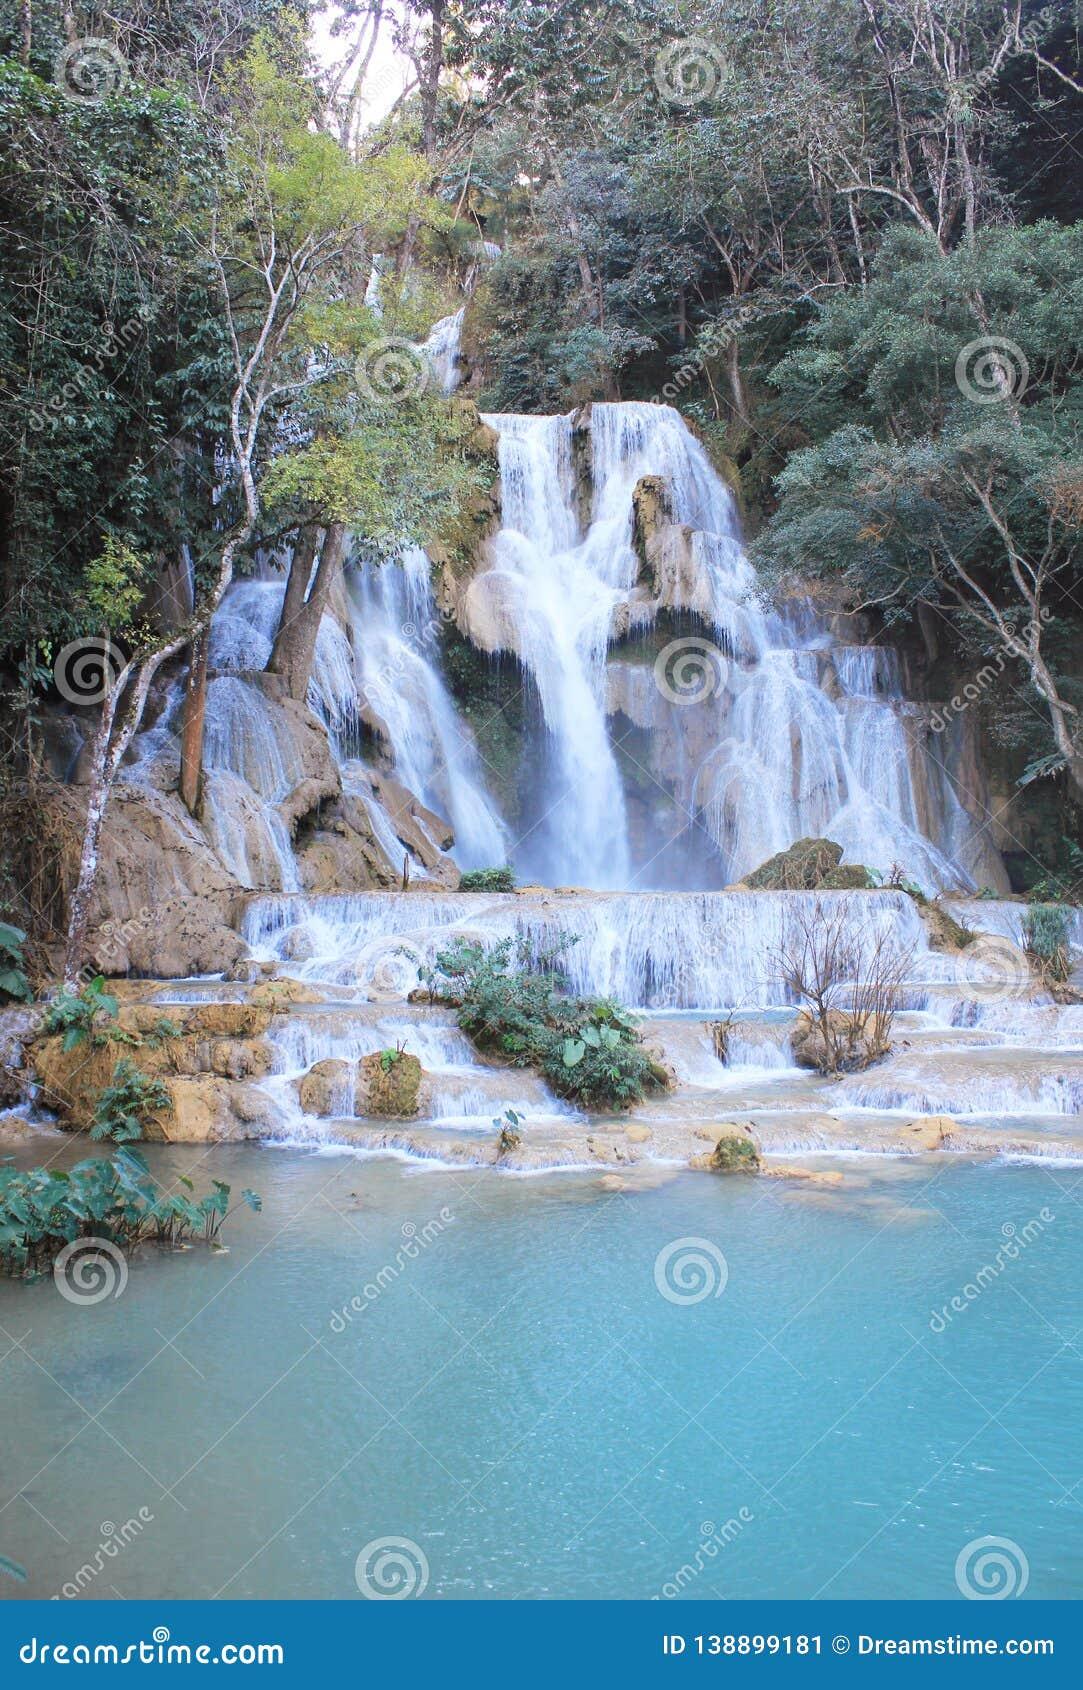 Amazing blue waterfalls near Luang Prabang, Laos